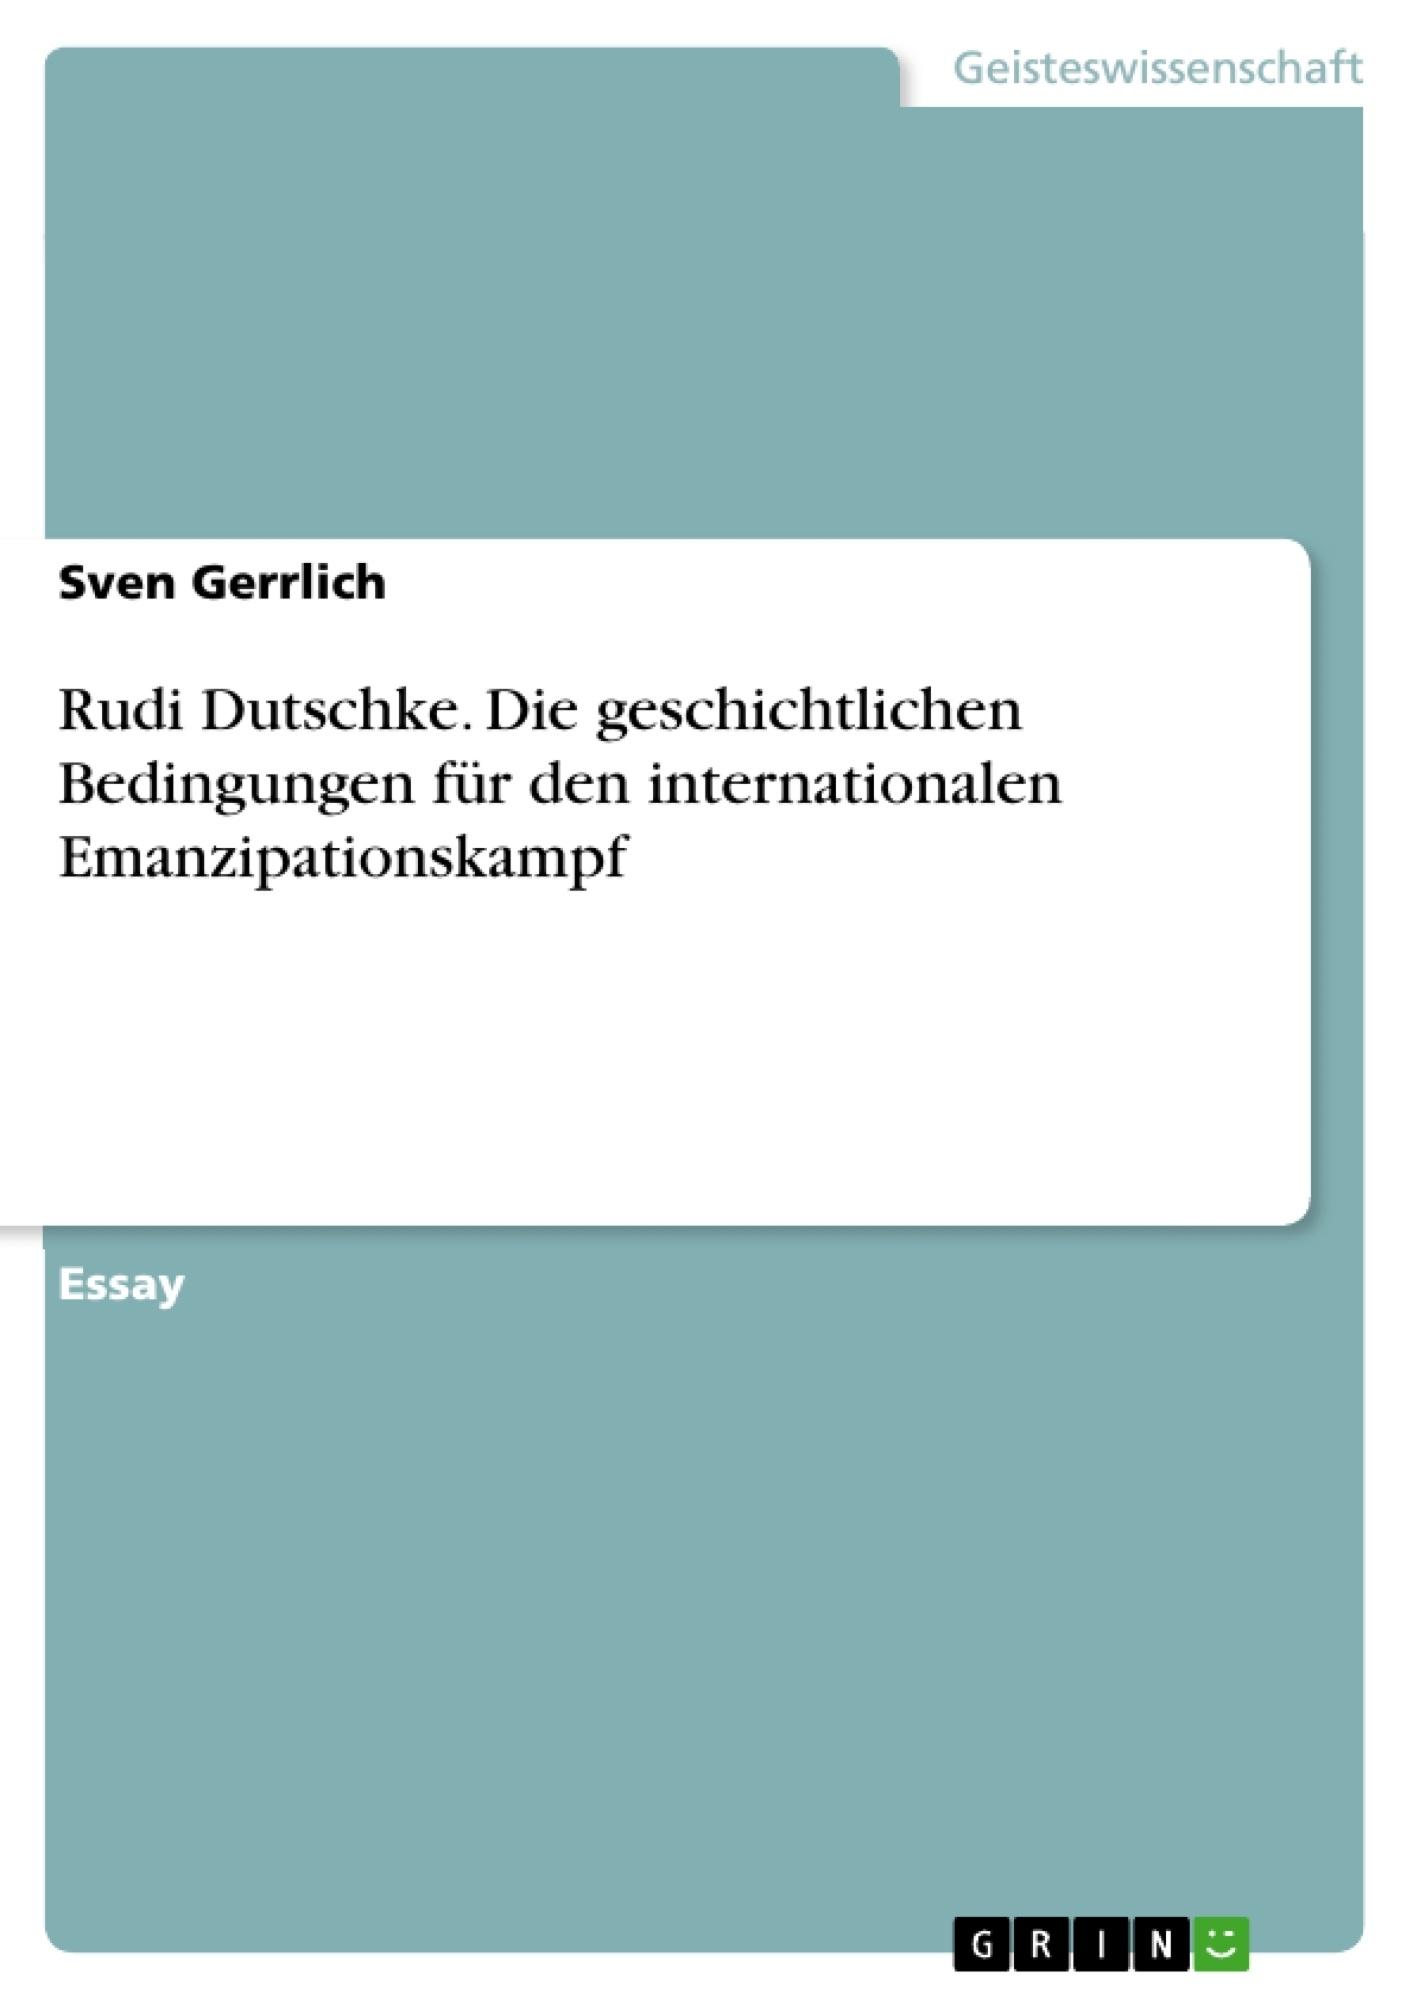 Titel: Rudi Dutschke. Die geschichtlichen Bedingungen für den internationalen Emanzipationskampf